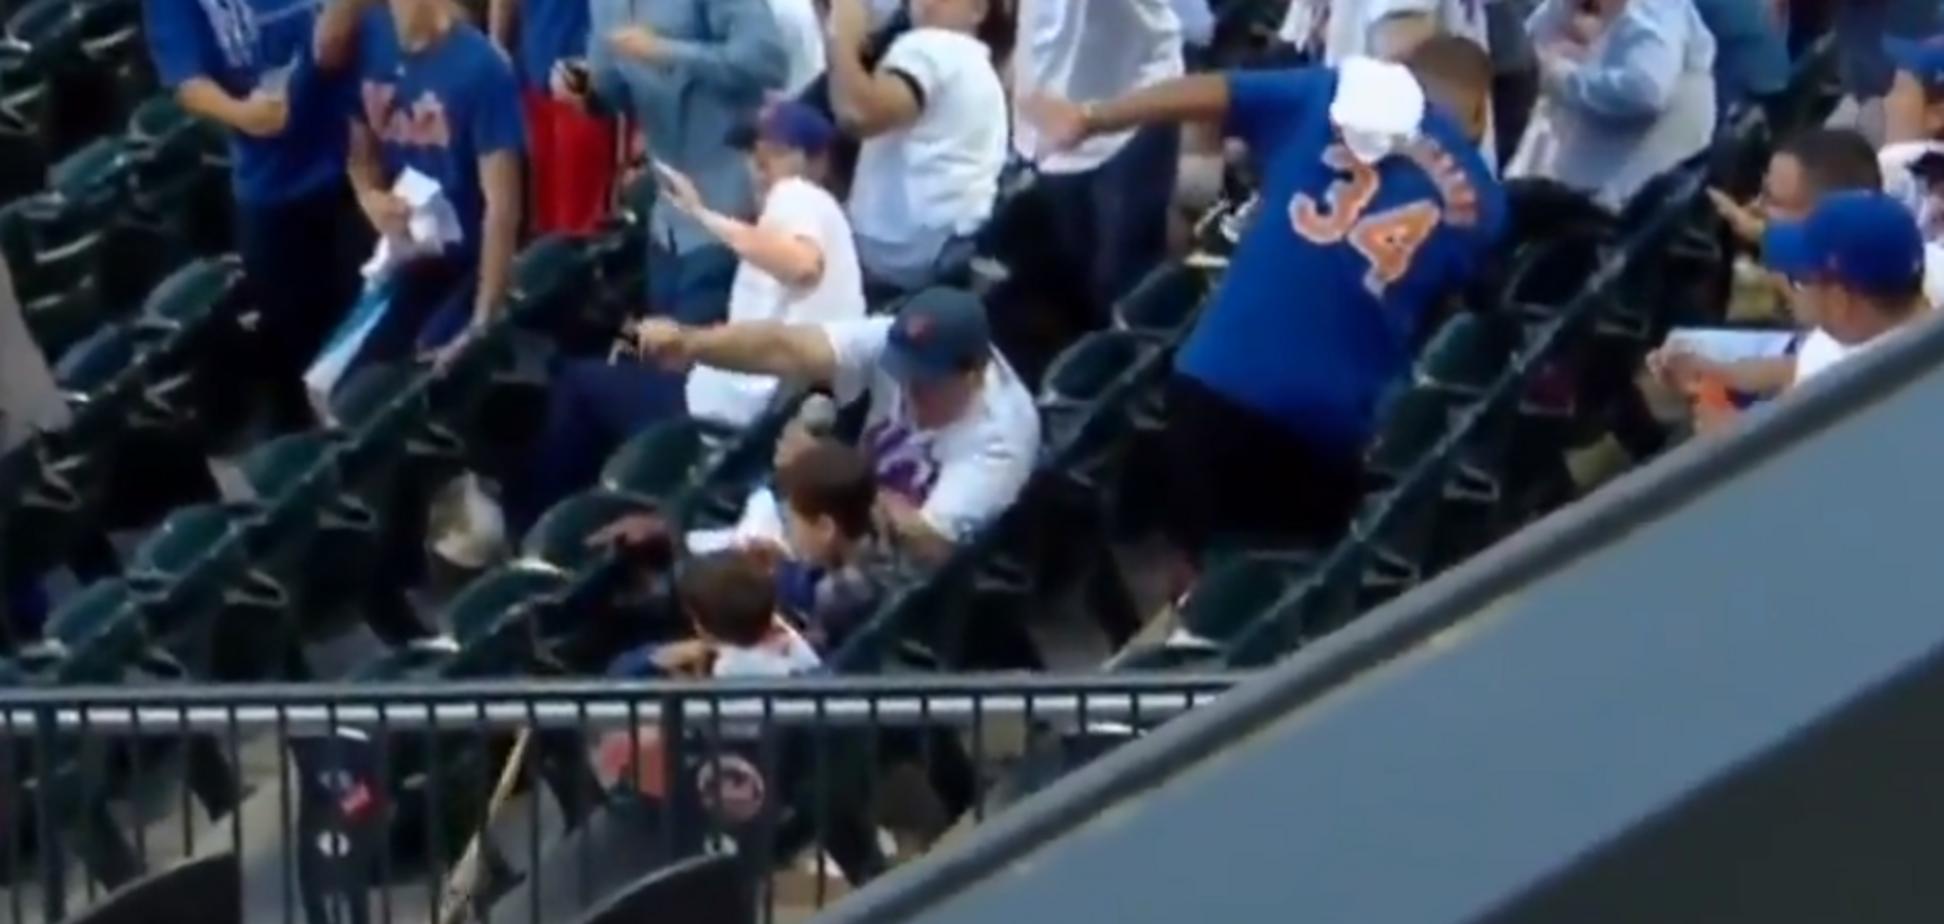 Відмінна реакція батька врятувала дитину на матчі - опубліковано відео